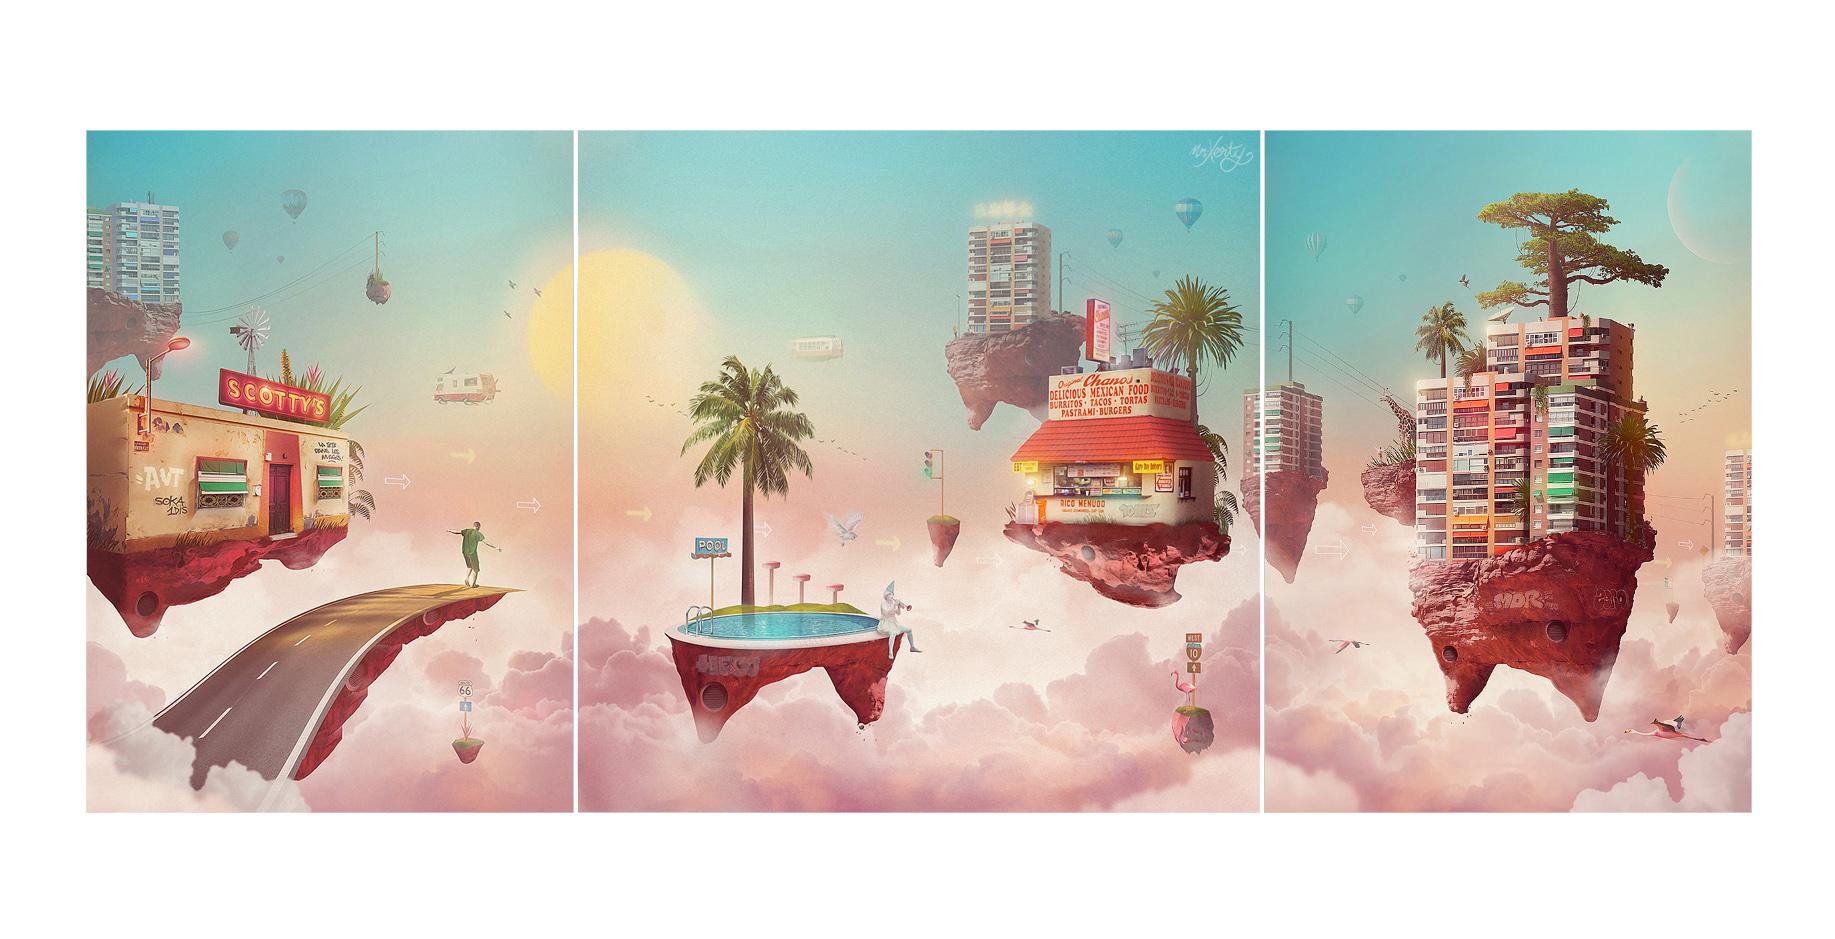 Floats_(la-tete-dans-les-nuages)_Xerty